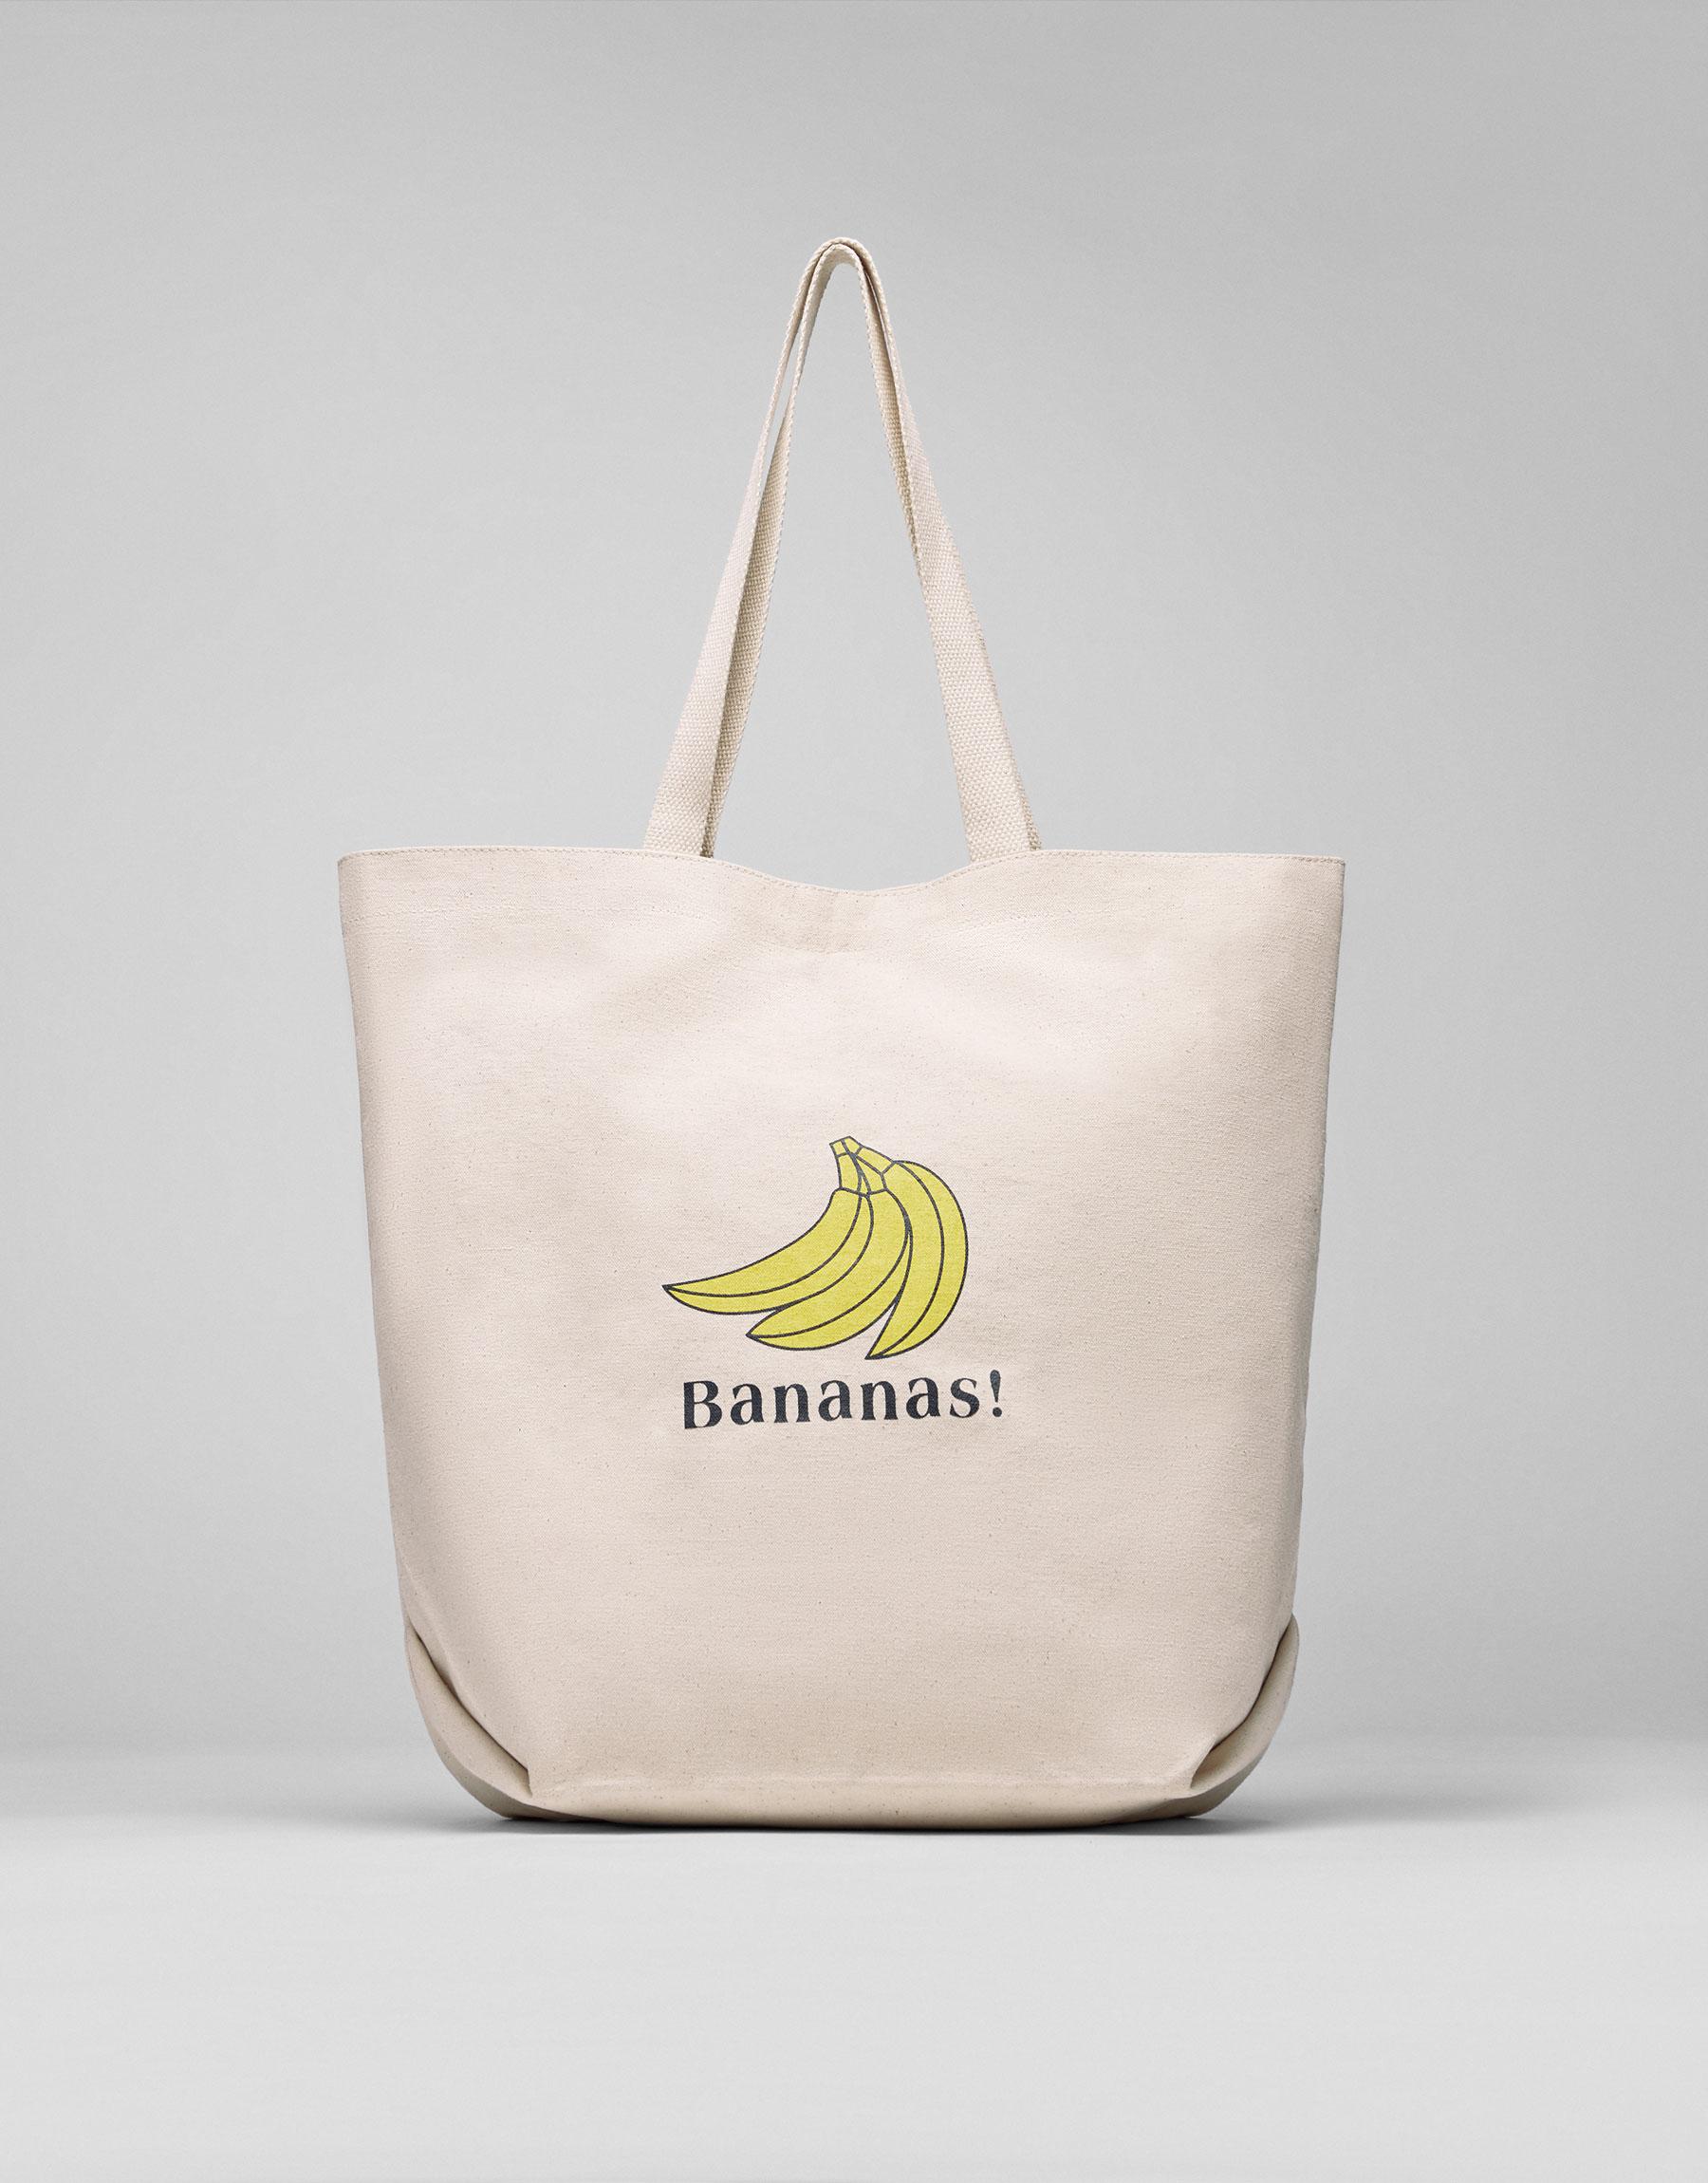 Printed fabric bag